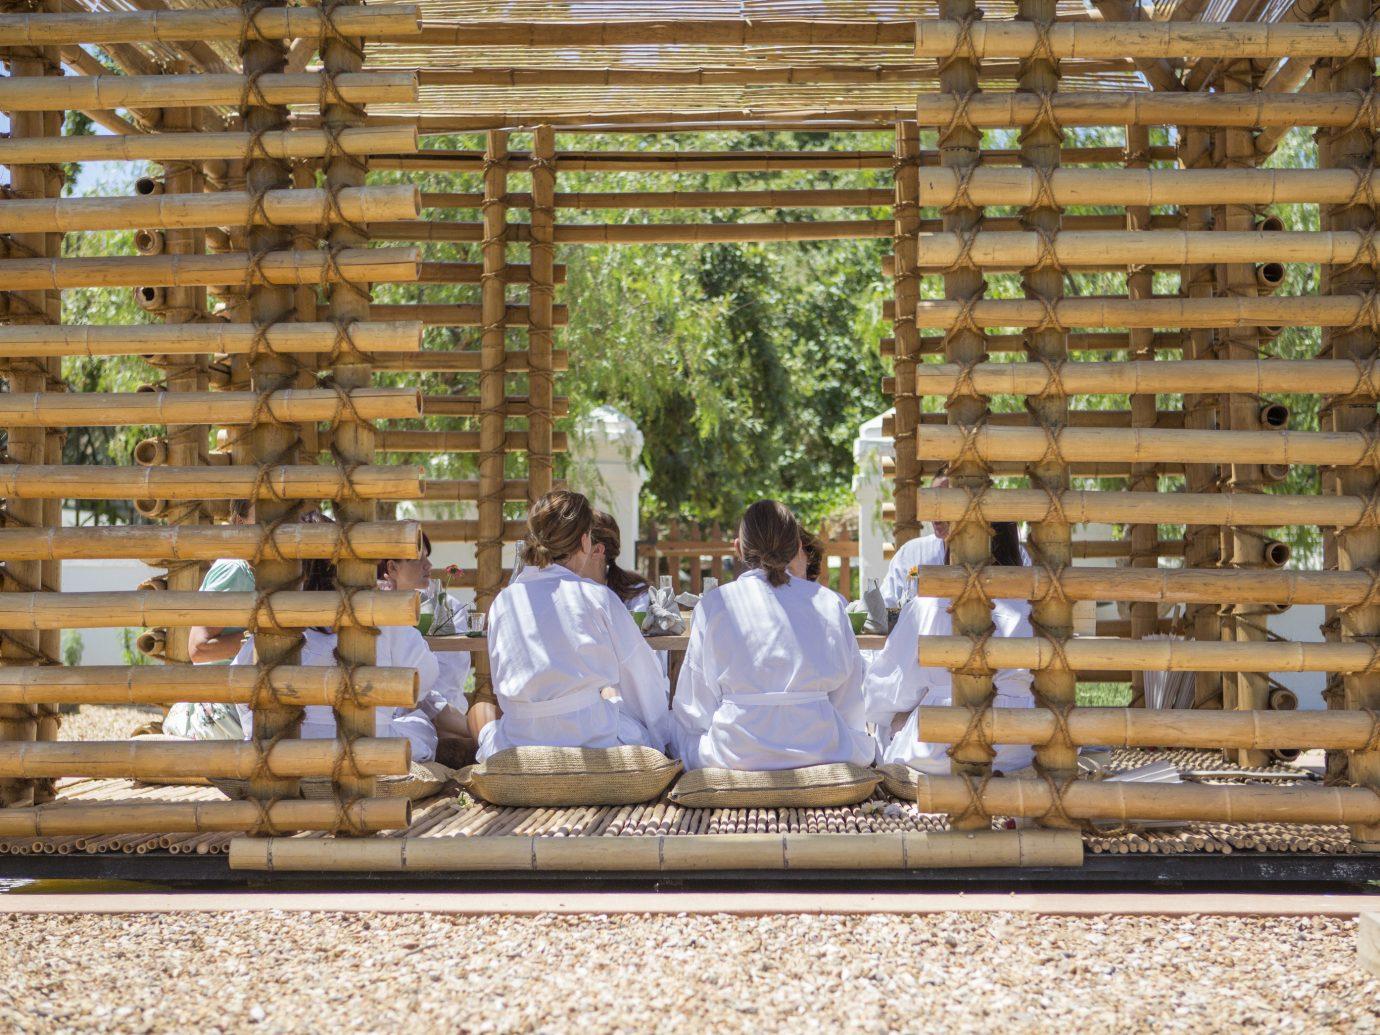 Babylonstoren; building window blind wood temple tree window